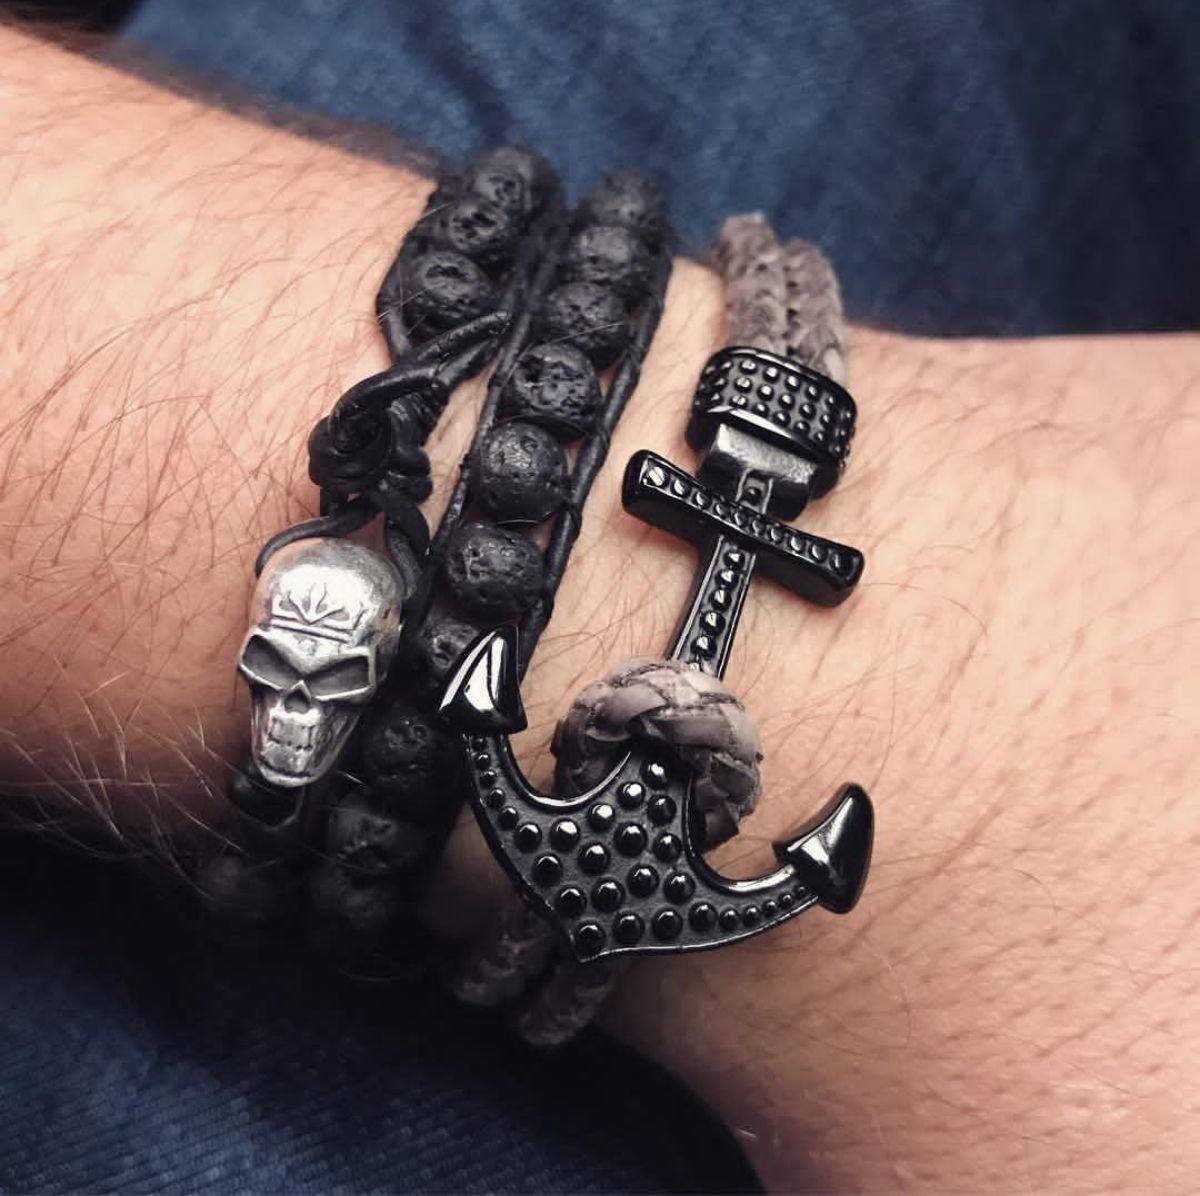 Pulseira masculina com tema náutico Senhor da Moda. Veja mais modelos de  pulseiras no blog 56061c15e2